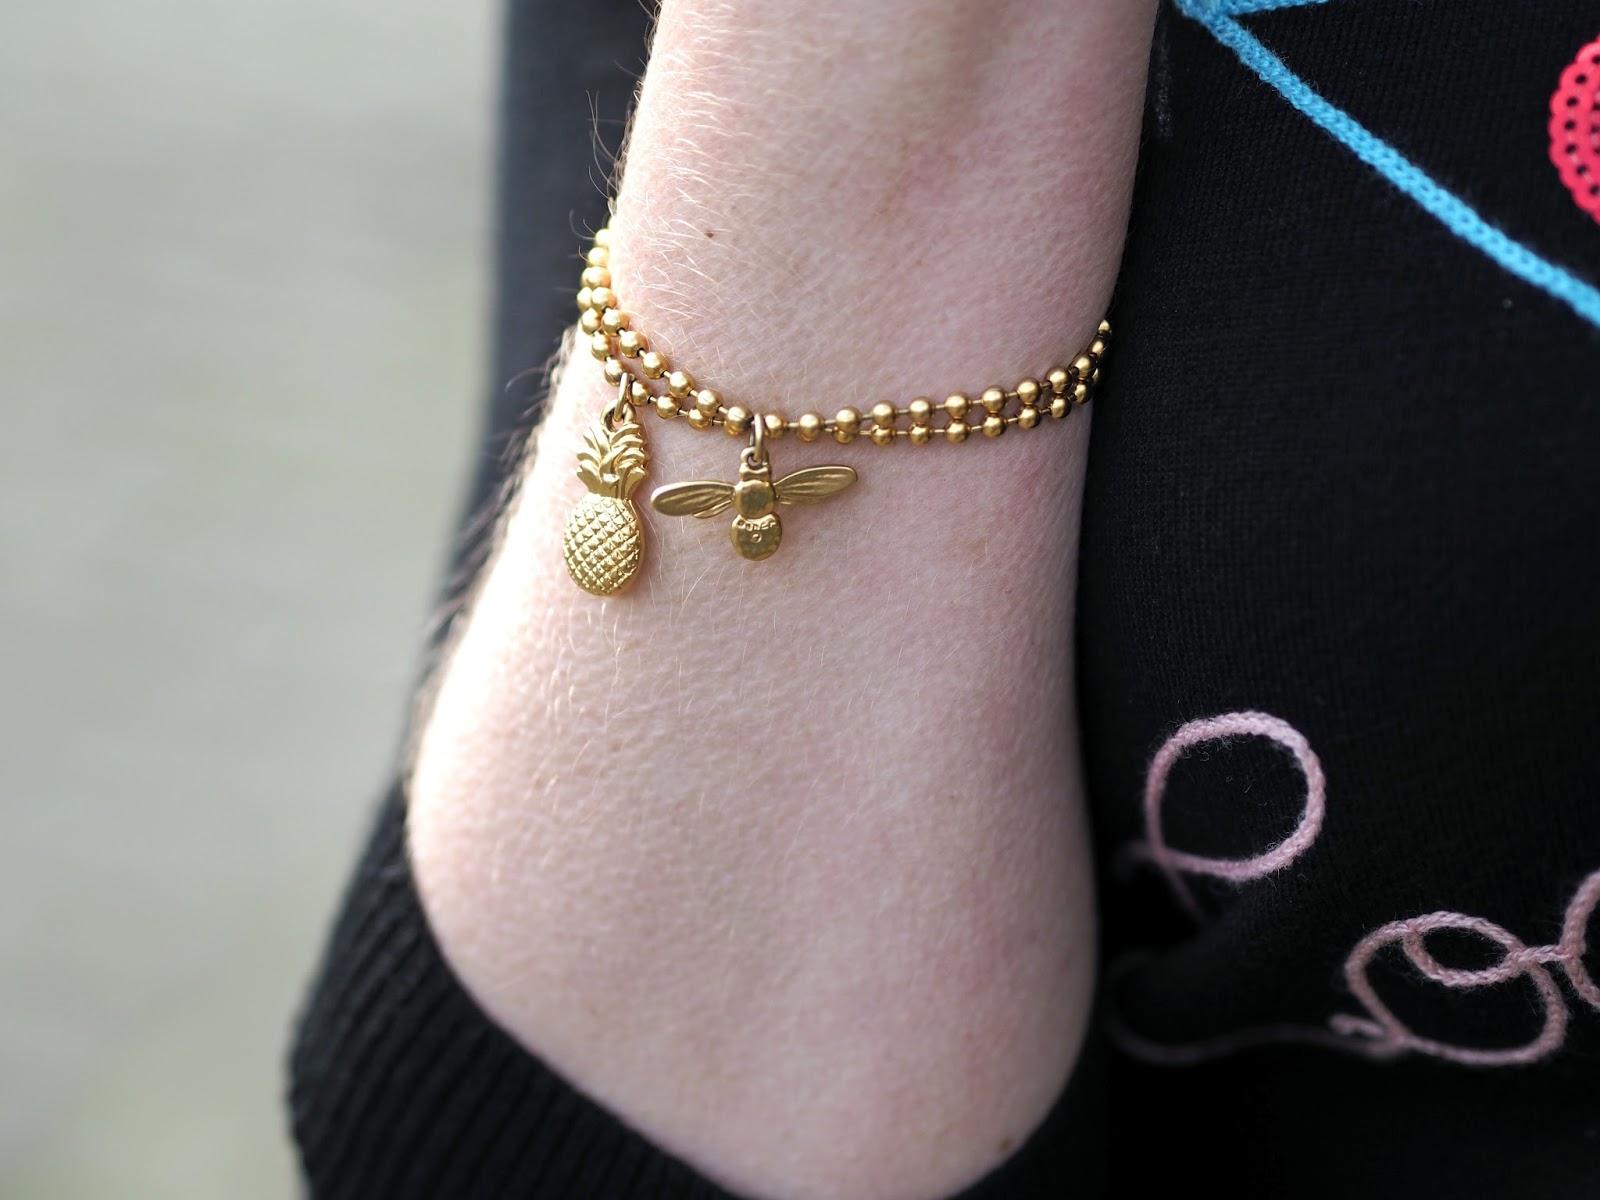 gold pineapple bracelet, gold honey bee bracelets by Danon